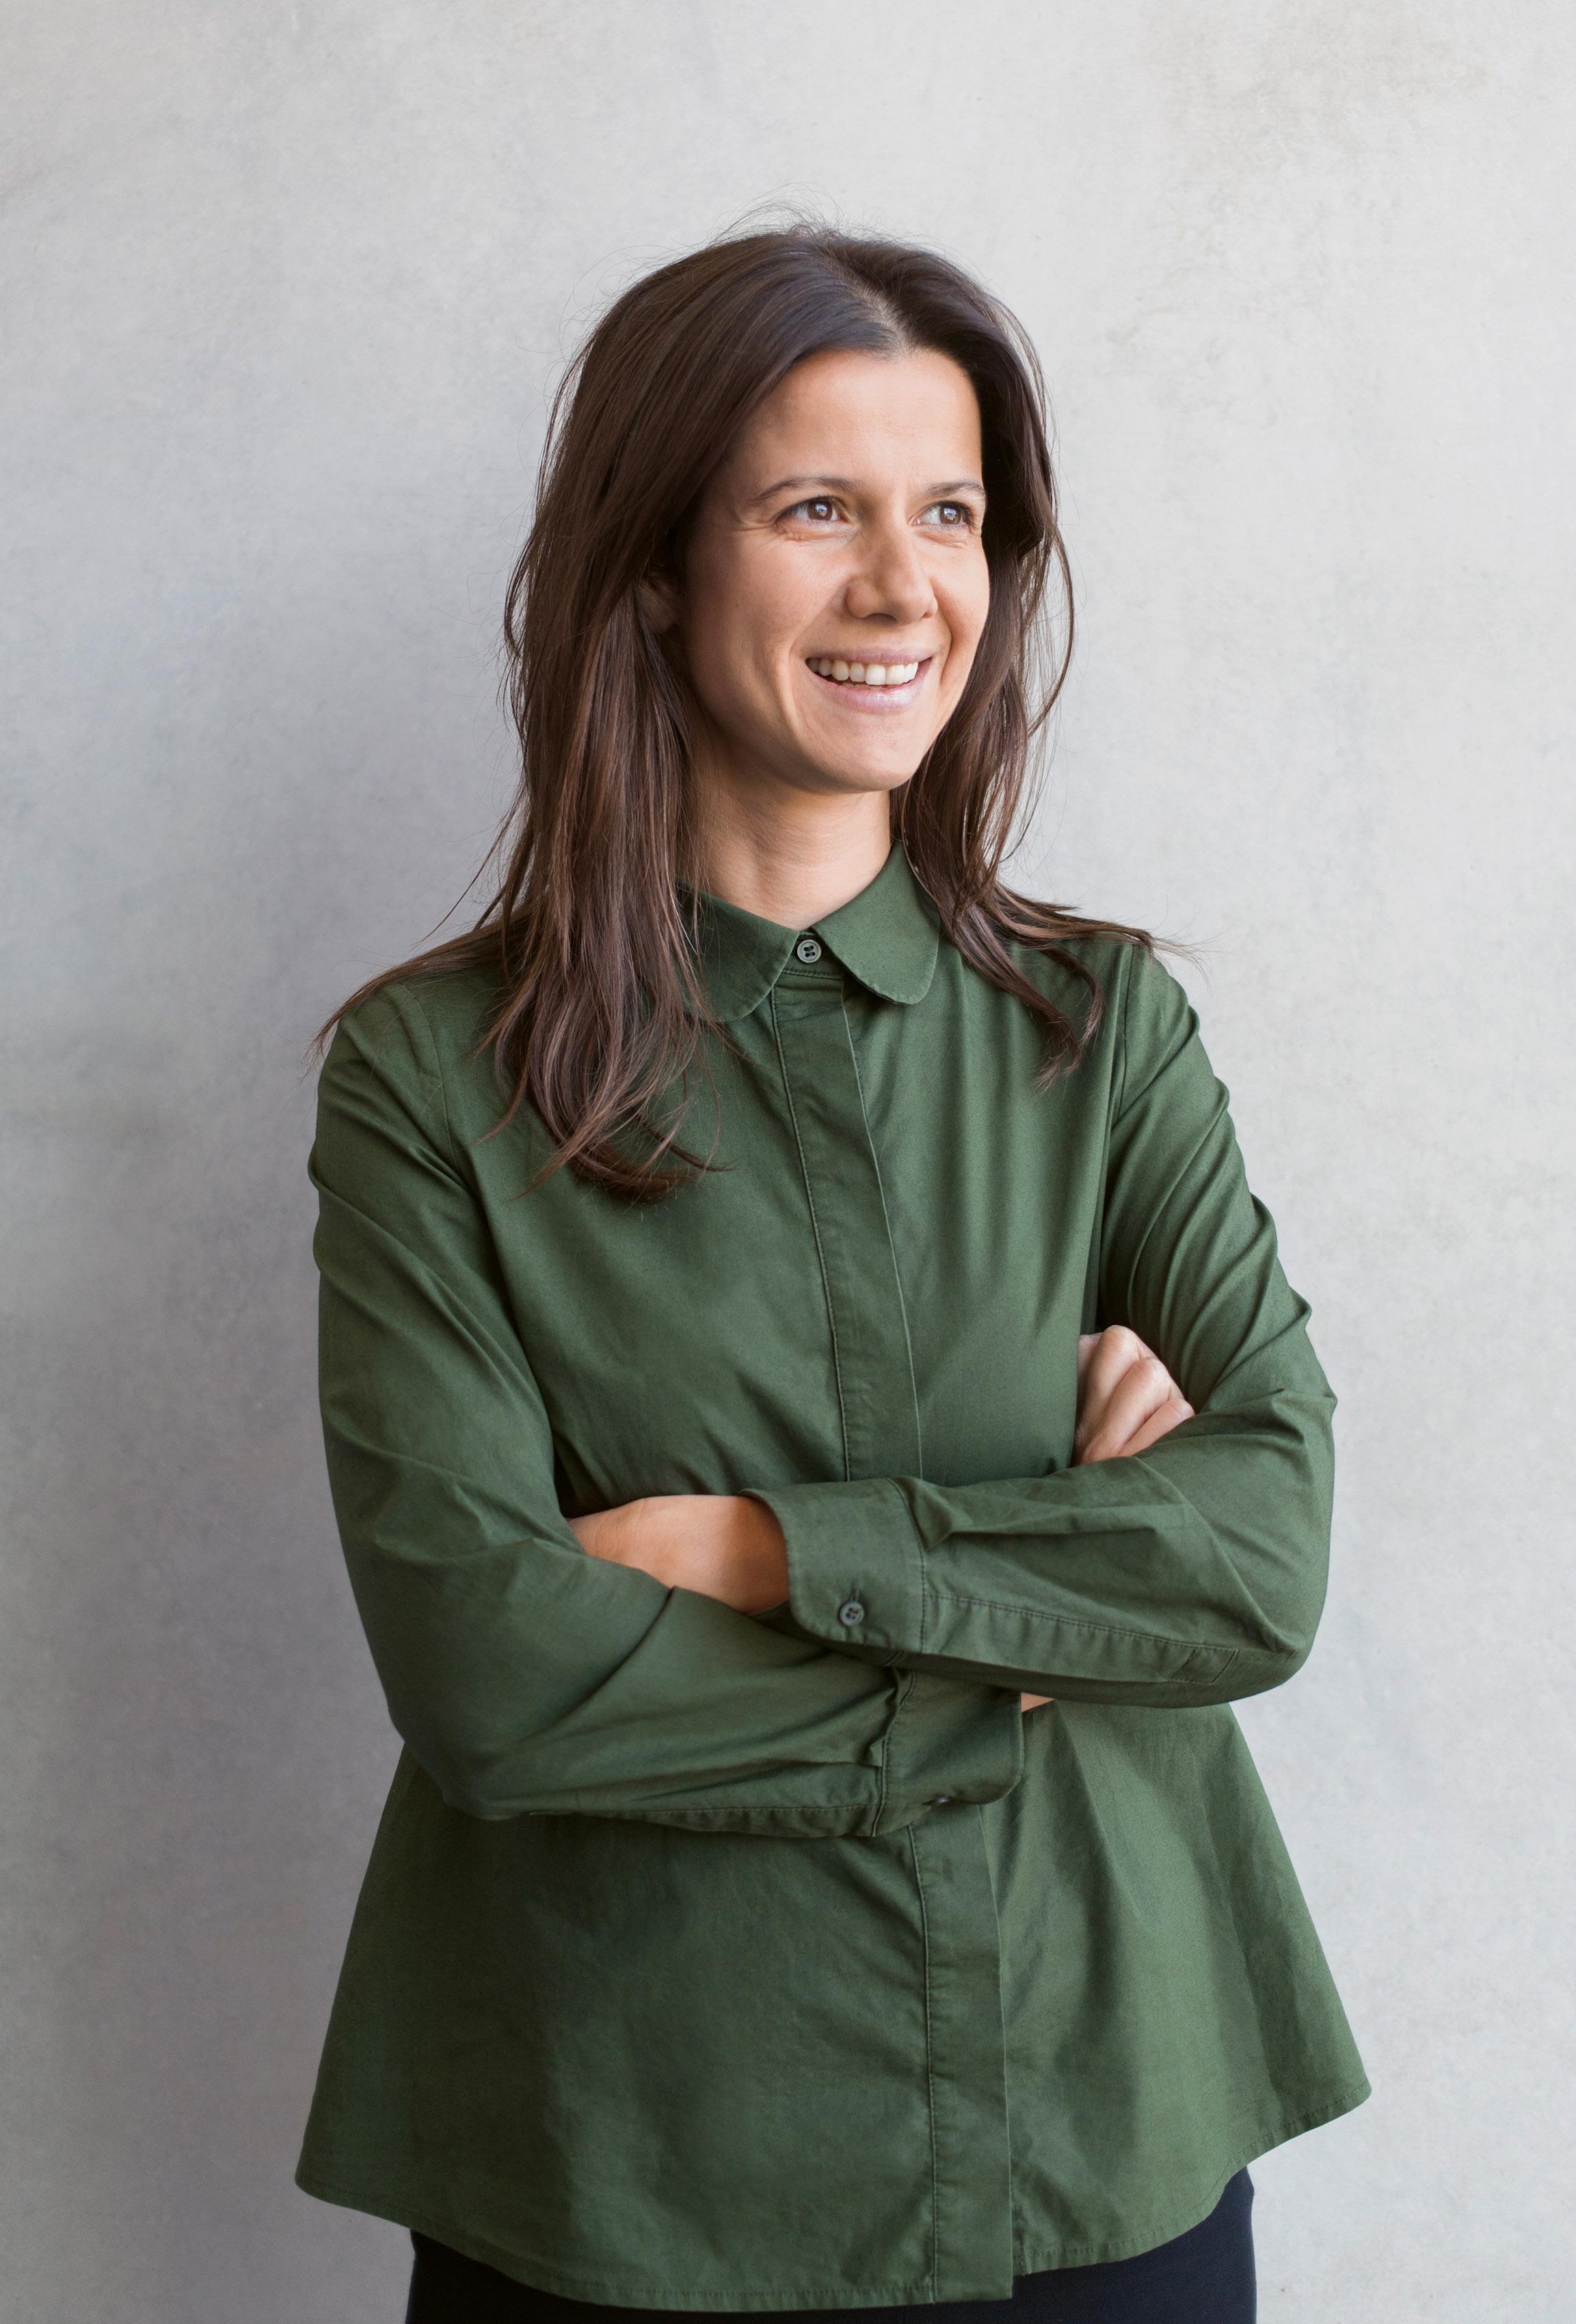 Katerina Kourti